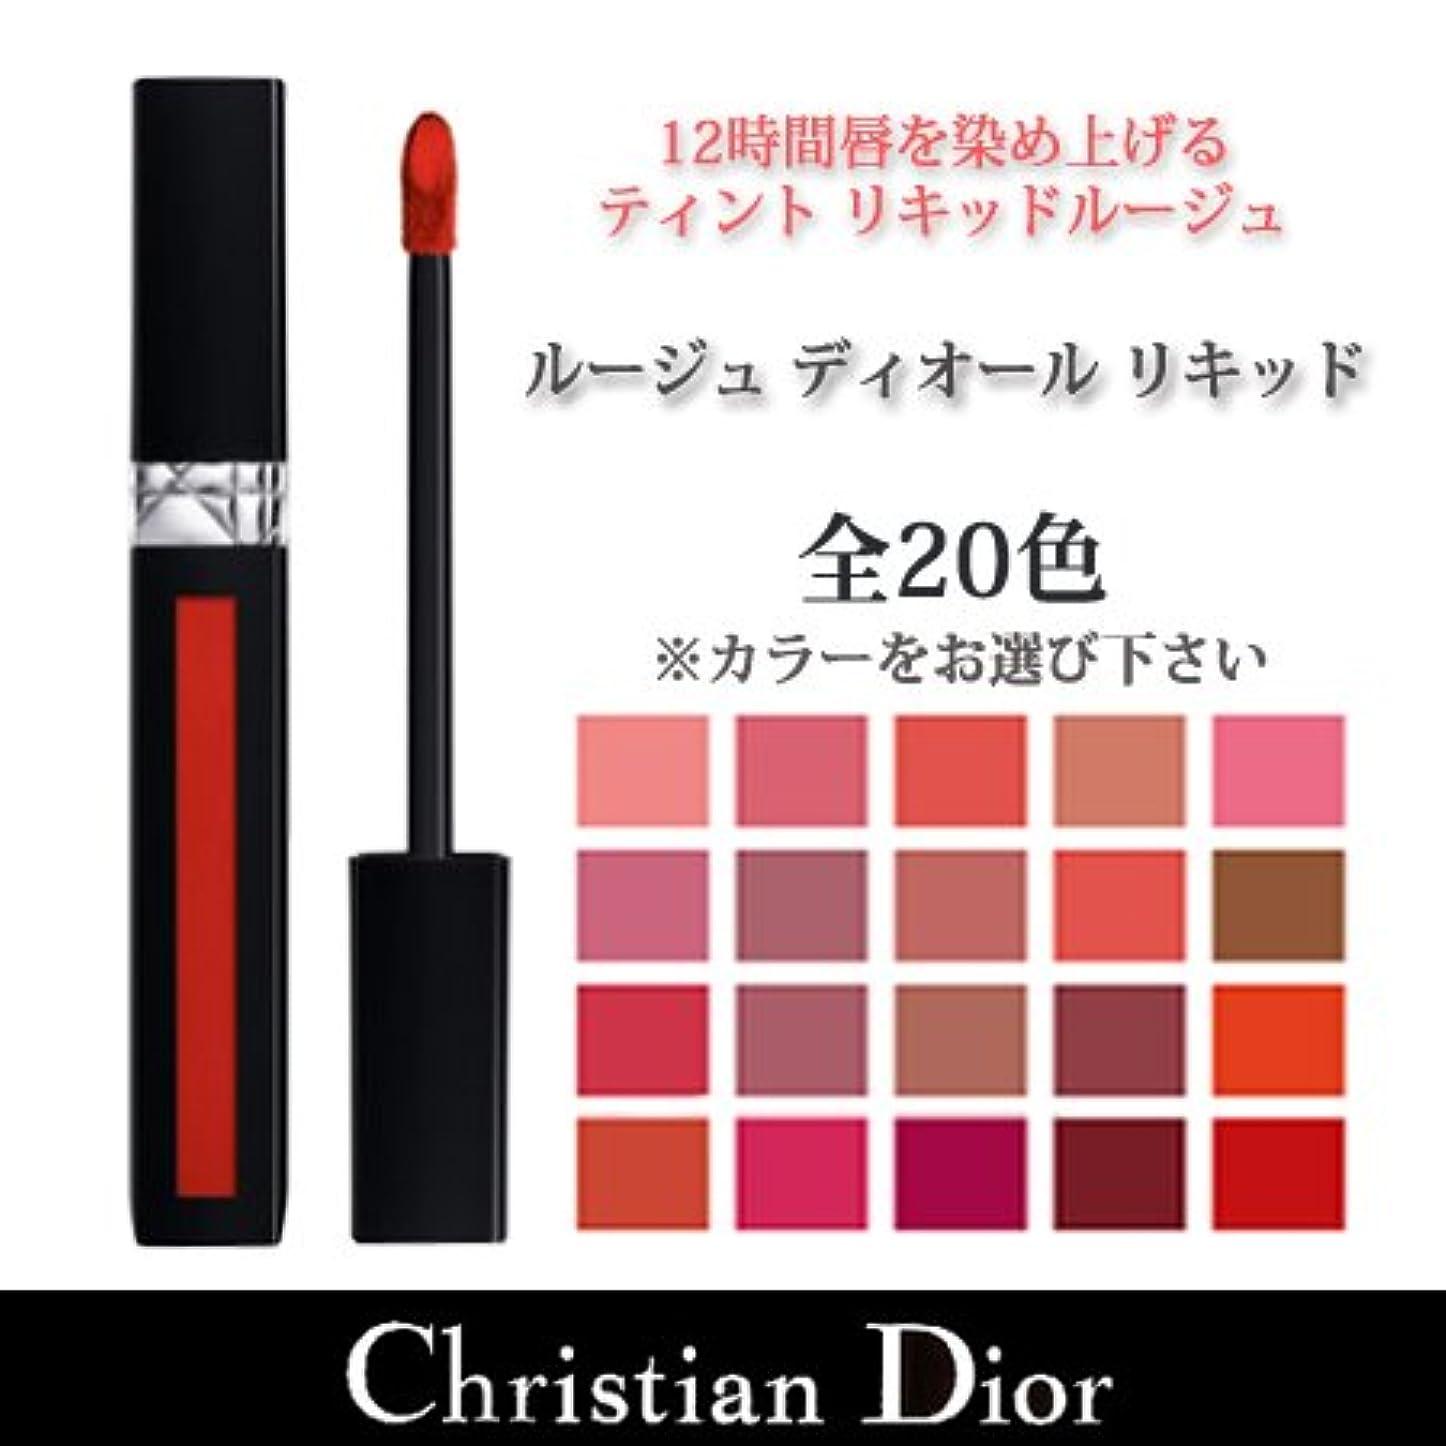 ふさわしい湿った滴下ディオール ルージュ ディオール リキッド 全20色 -Dior- 614